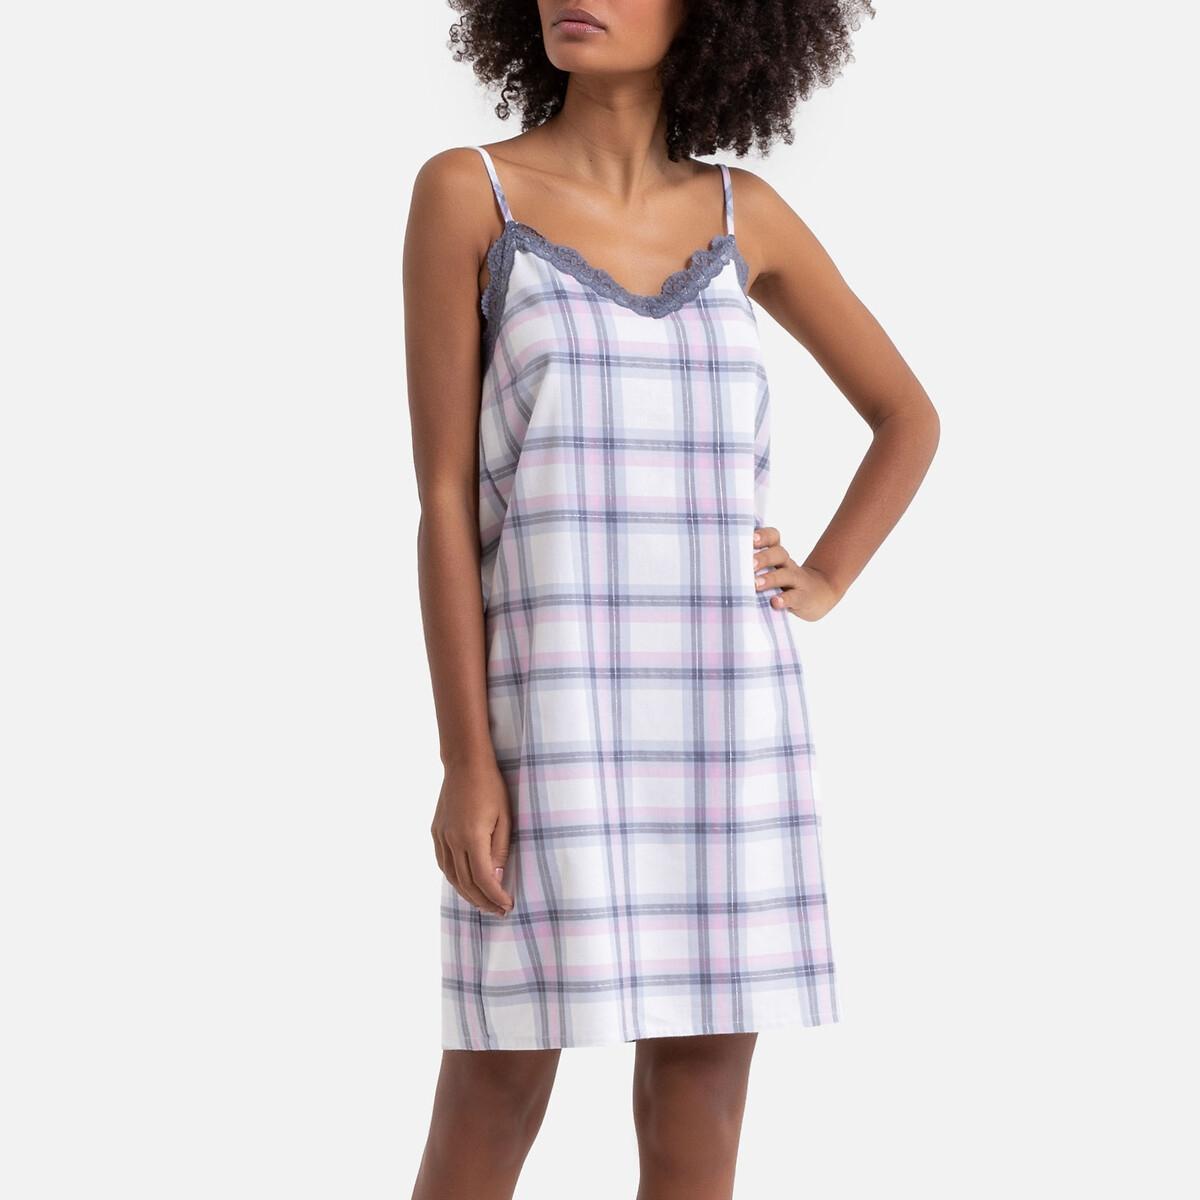 Camisa de dormir aos quadrados em puro algodão, detalhes em renda